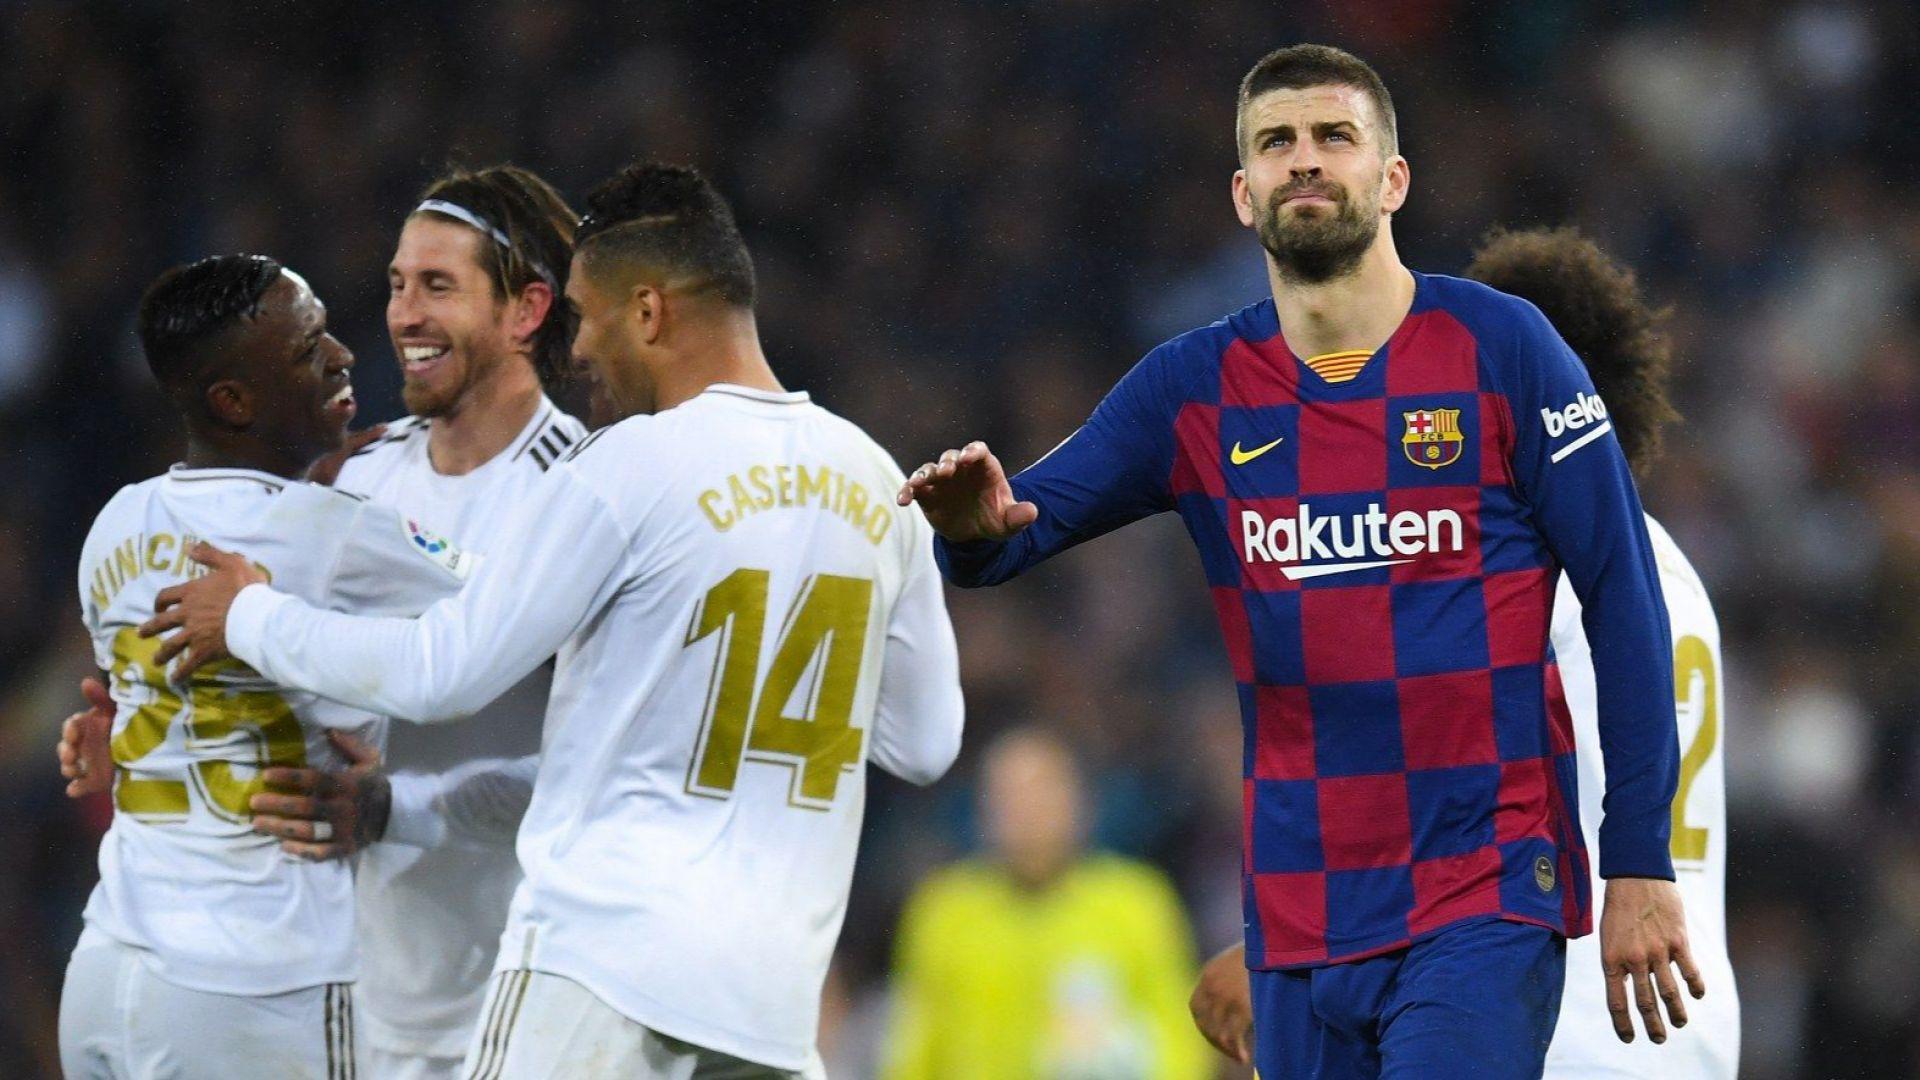 Пике след загубата: Такъв слаб Реал не съм виждал (отзиви)